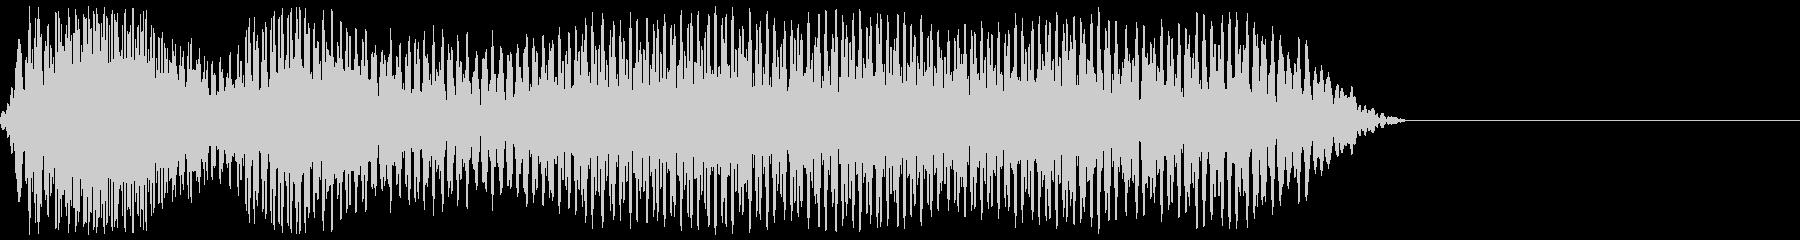 サッカーのホイッスル、警笛(ファウル1)の未再生の波形